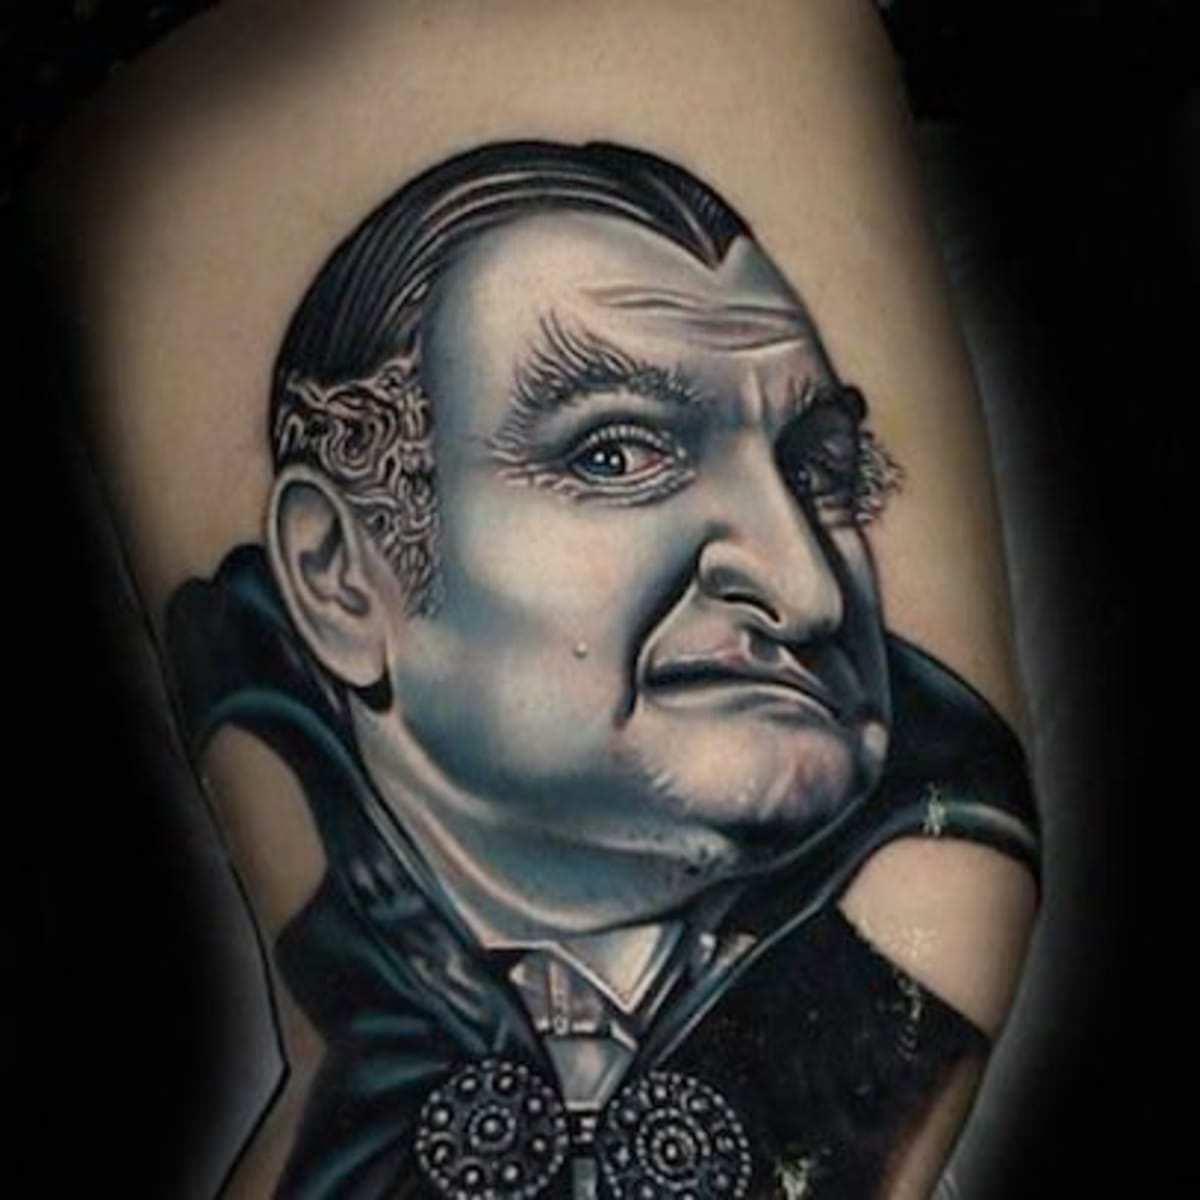 Remodelagem do Drácula tatuado no braço